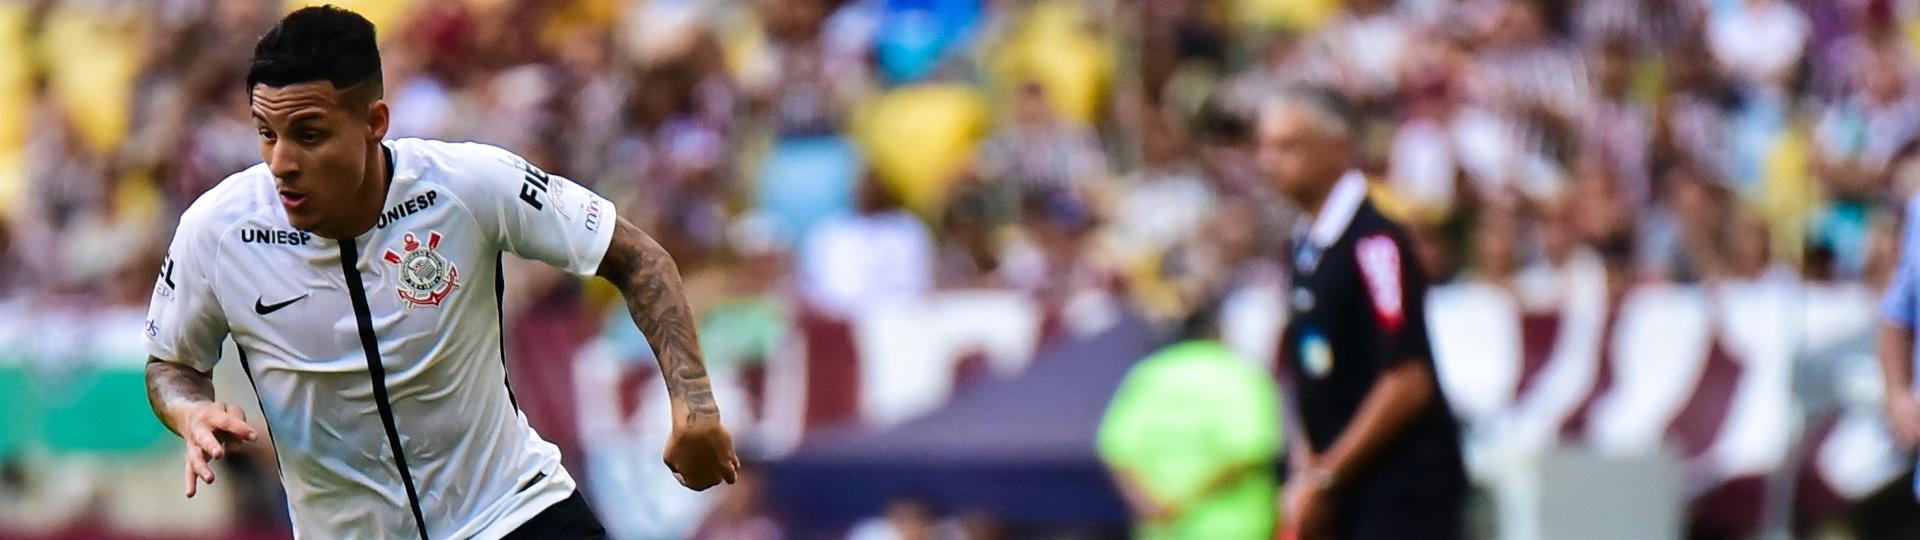 Guilherme Arana se livra de Gustavo Scarpa em Fluminense x Corinthians pelo Campeonato Brasileiro